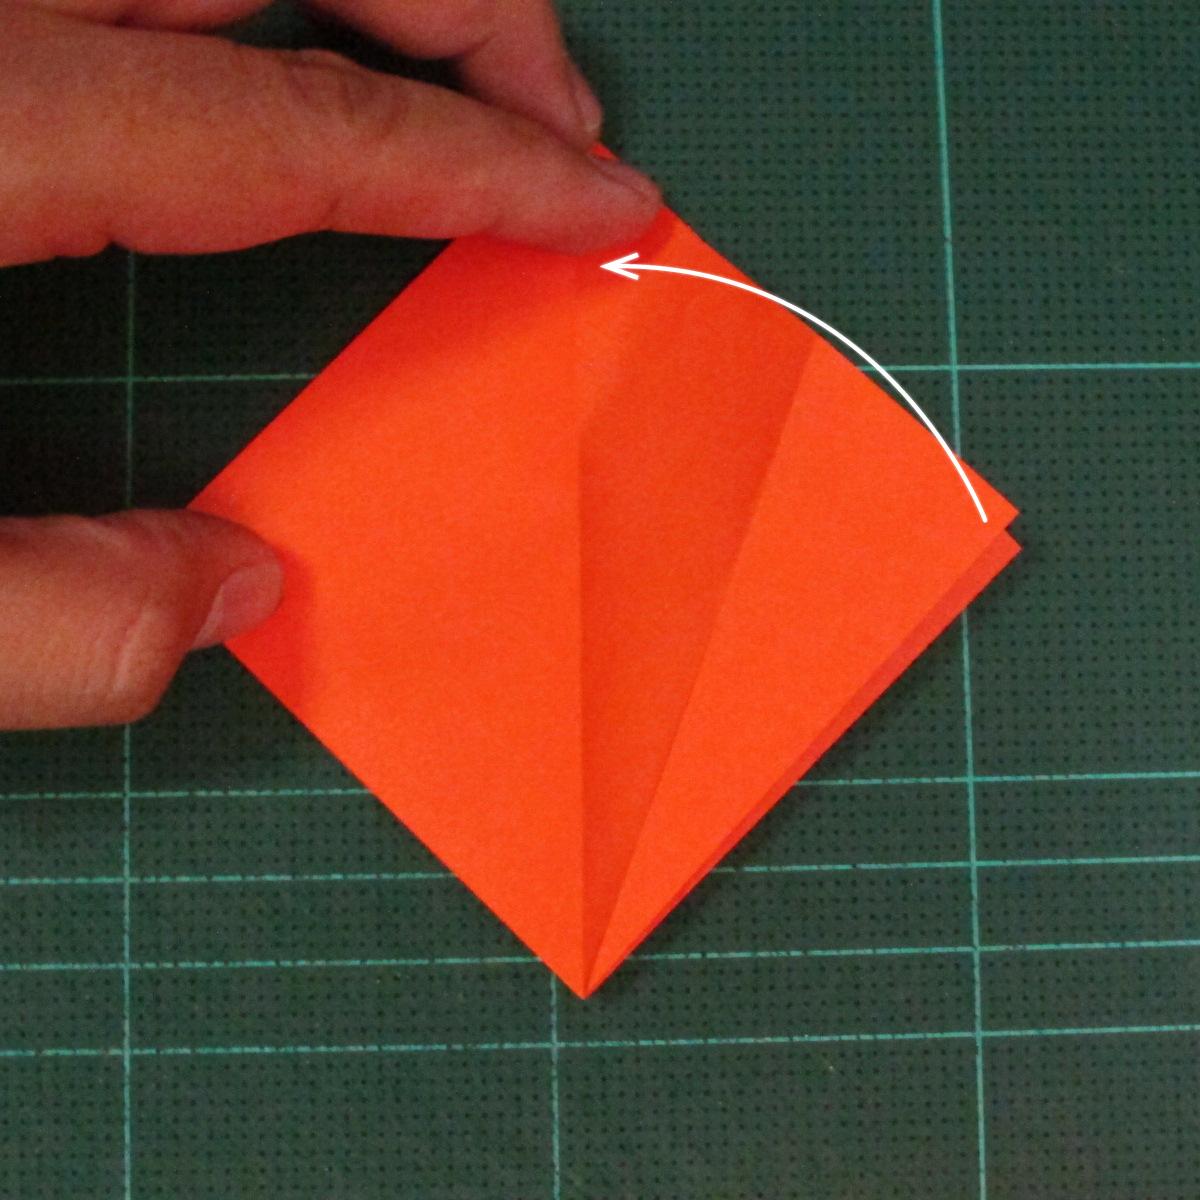 วิธีพับกระดาษเป็นช่อดอกไม้ติดอกเสื้อ (Origami Wedding Chest Flower) 007